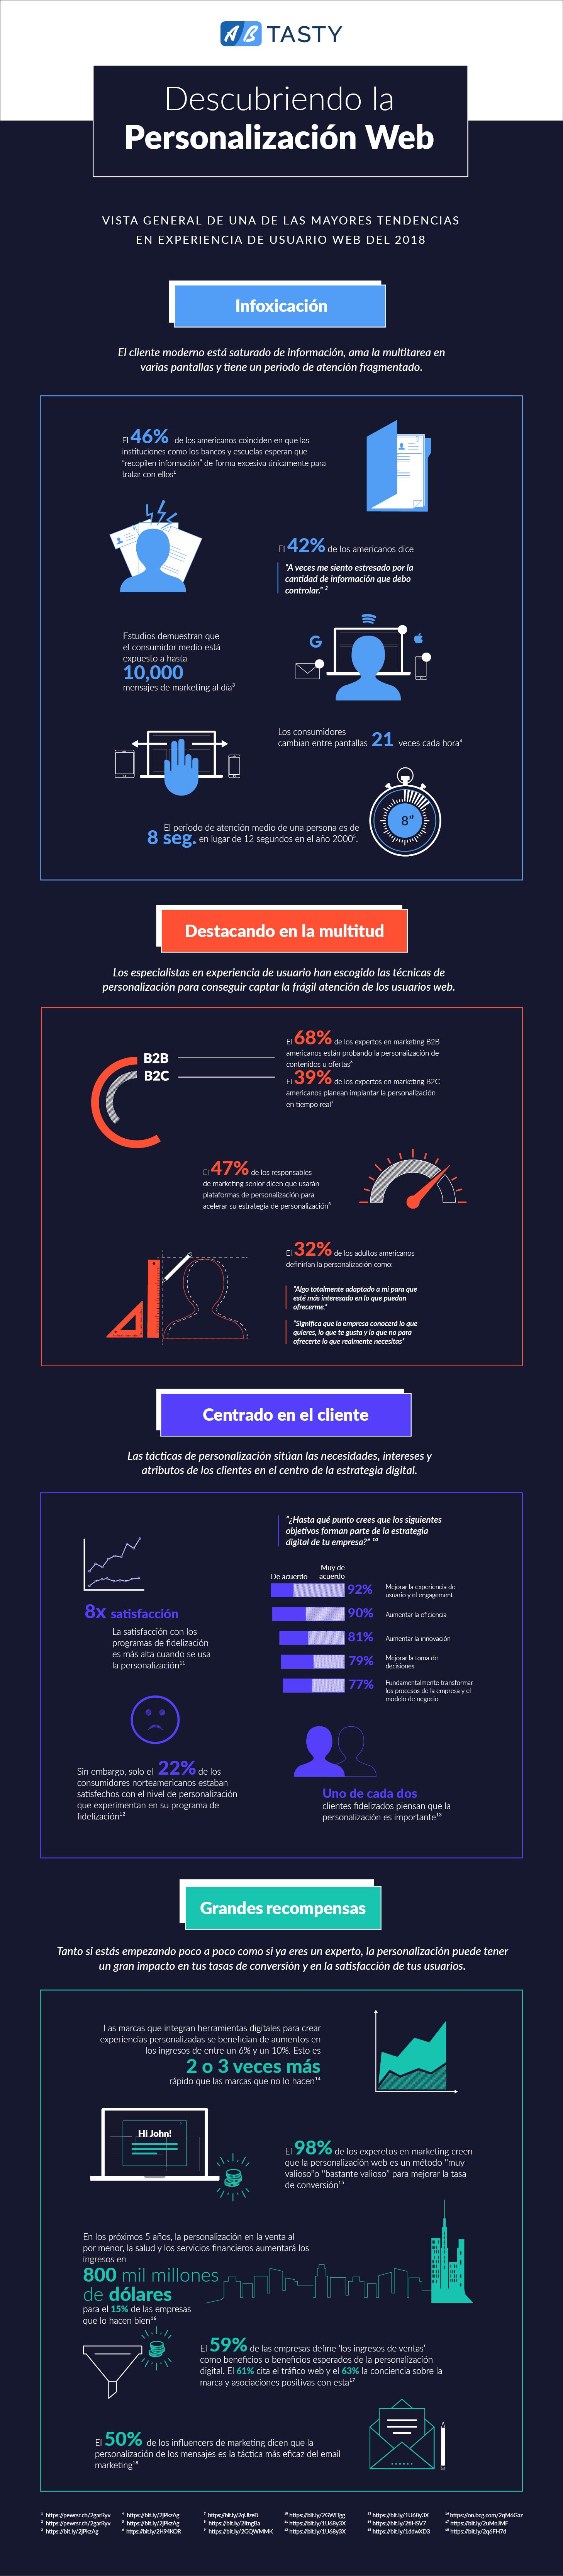 Infografía sobre el estado de la personalización web actual en el año 2018